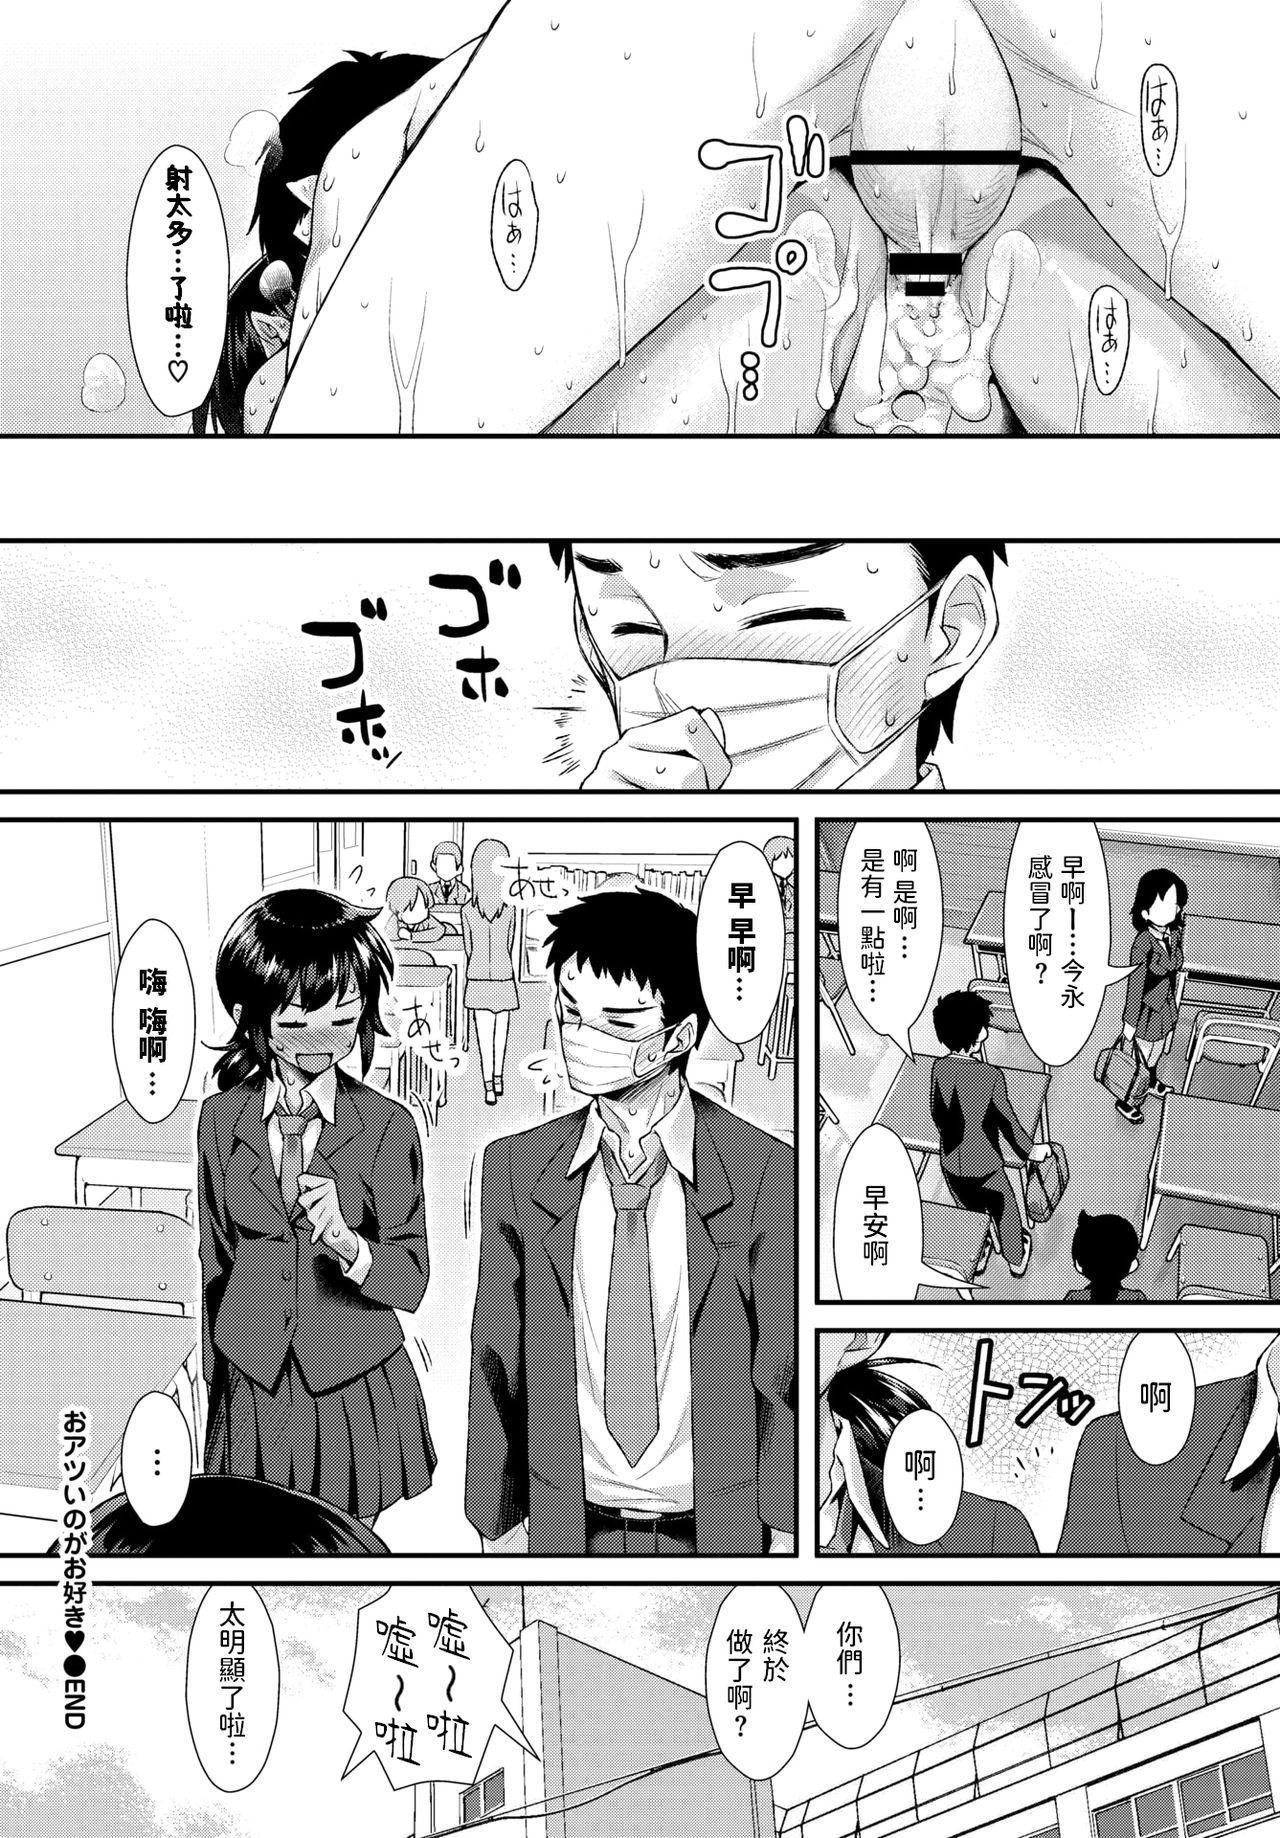 [ともみみしもん] おアツいのがお好き♥ (COMIC BAVEL 2019年12月号) 中文翻譯 19